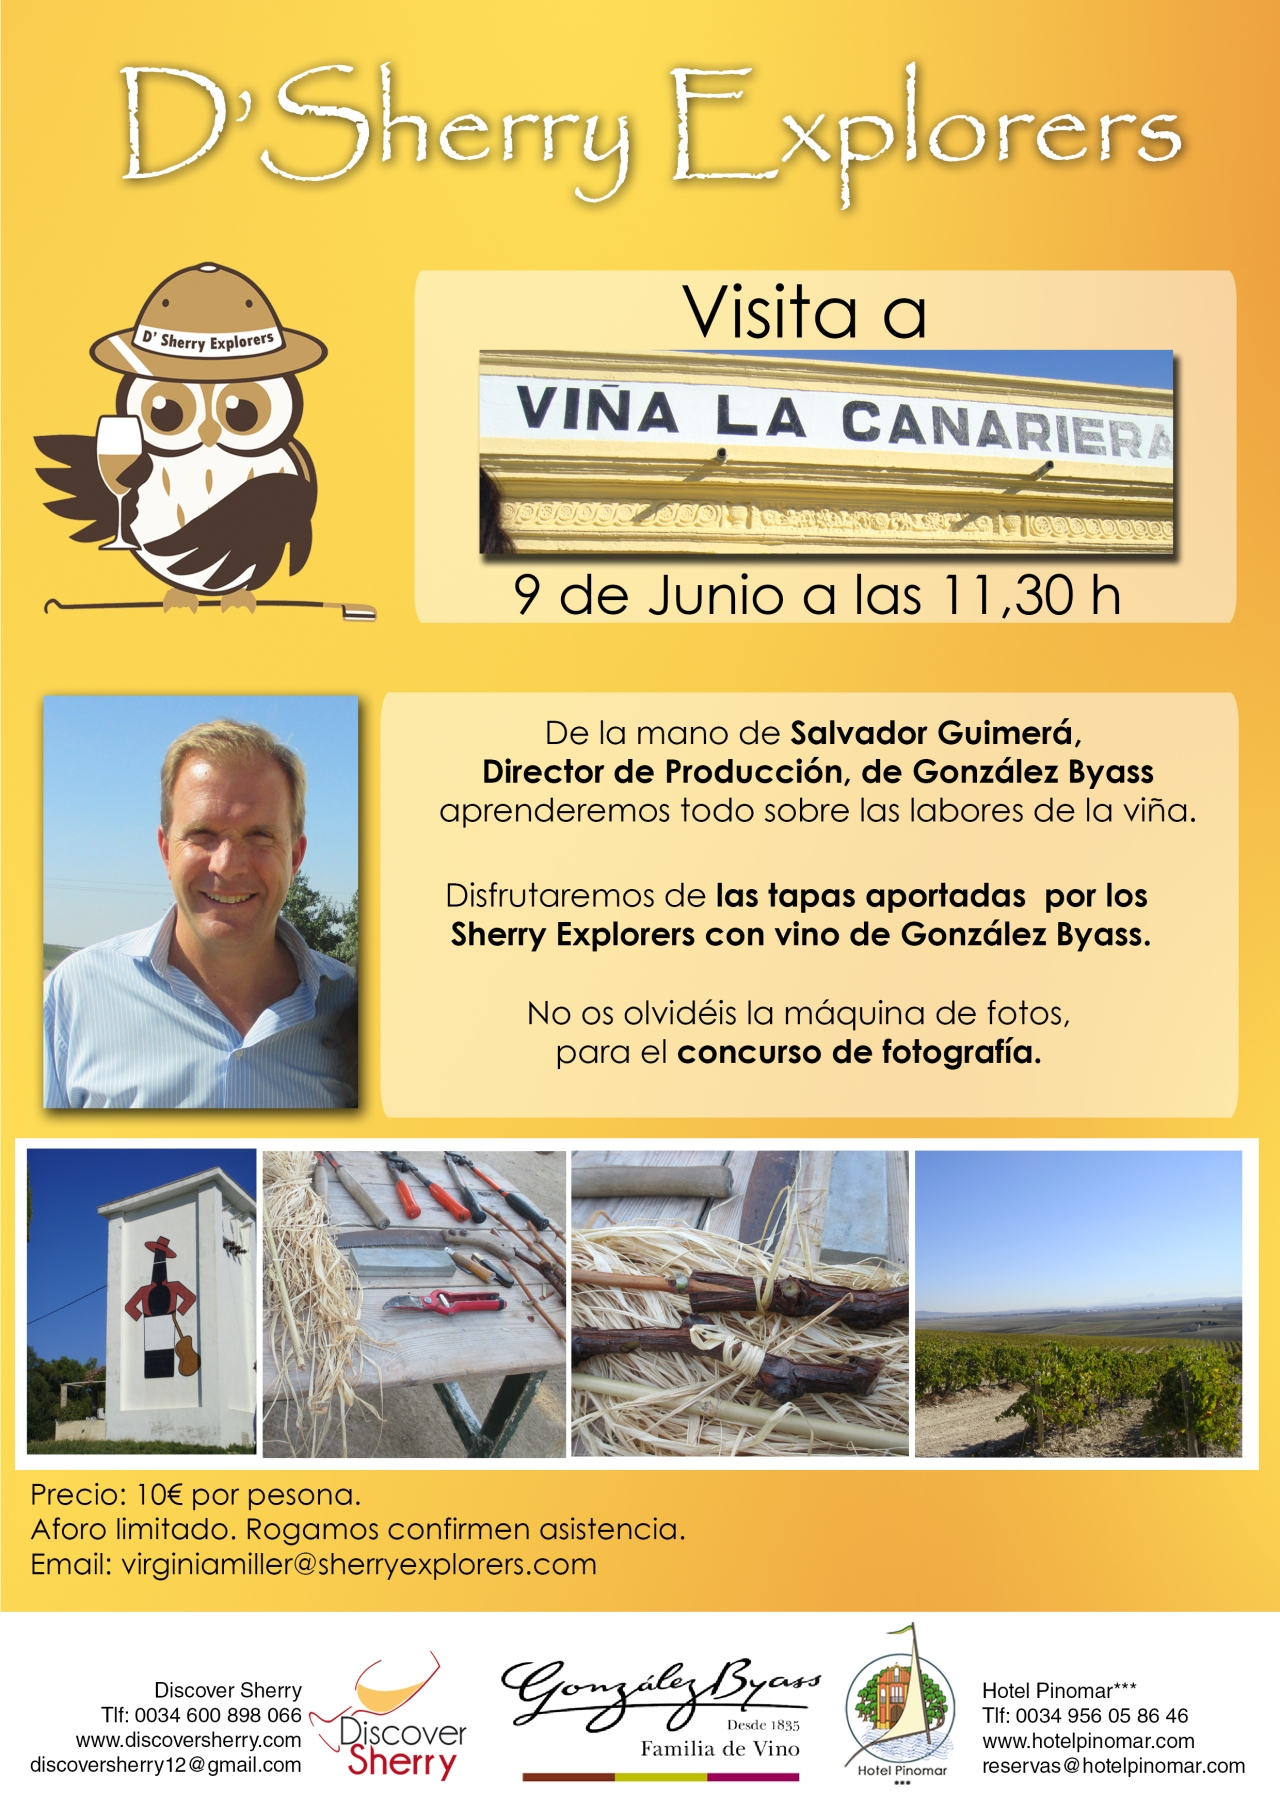 Próxima visita de los Sherry Explorers a La Viña La Canariera de GonzálezByass